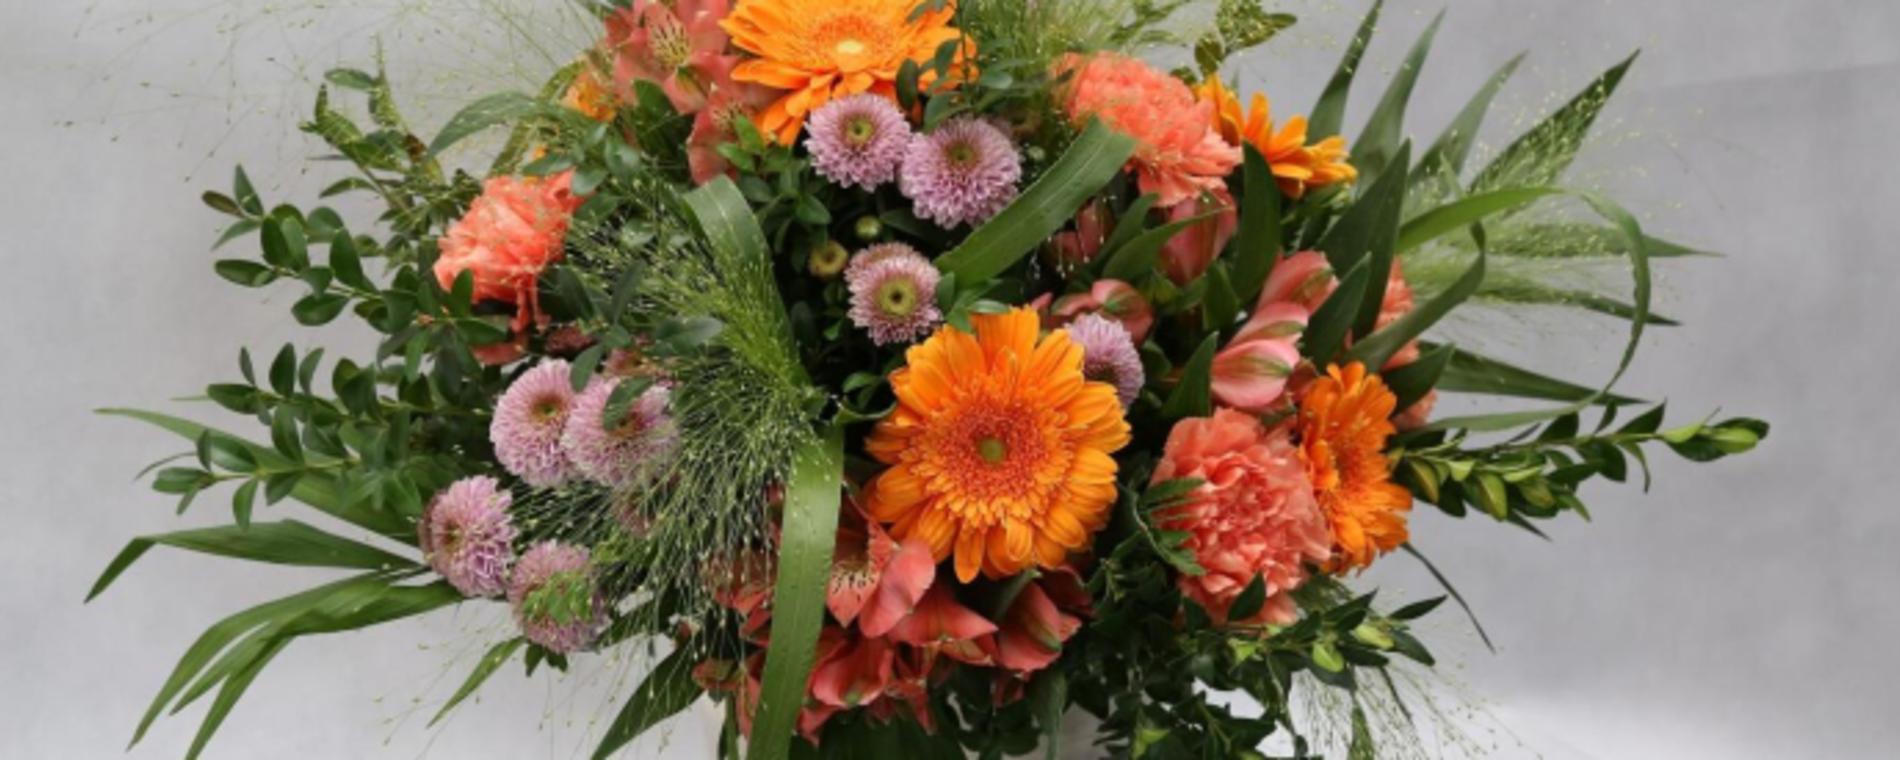 Fall Fresh Flower Arrangement